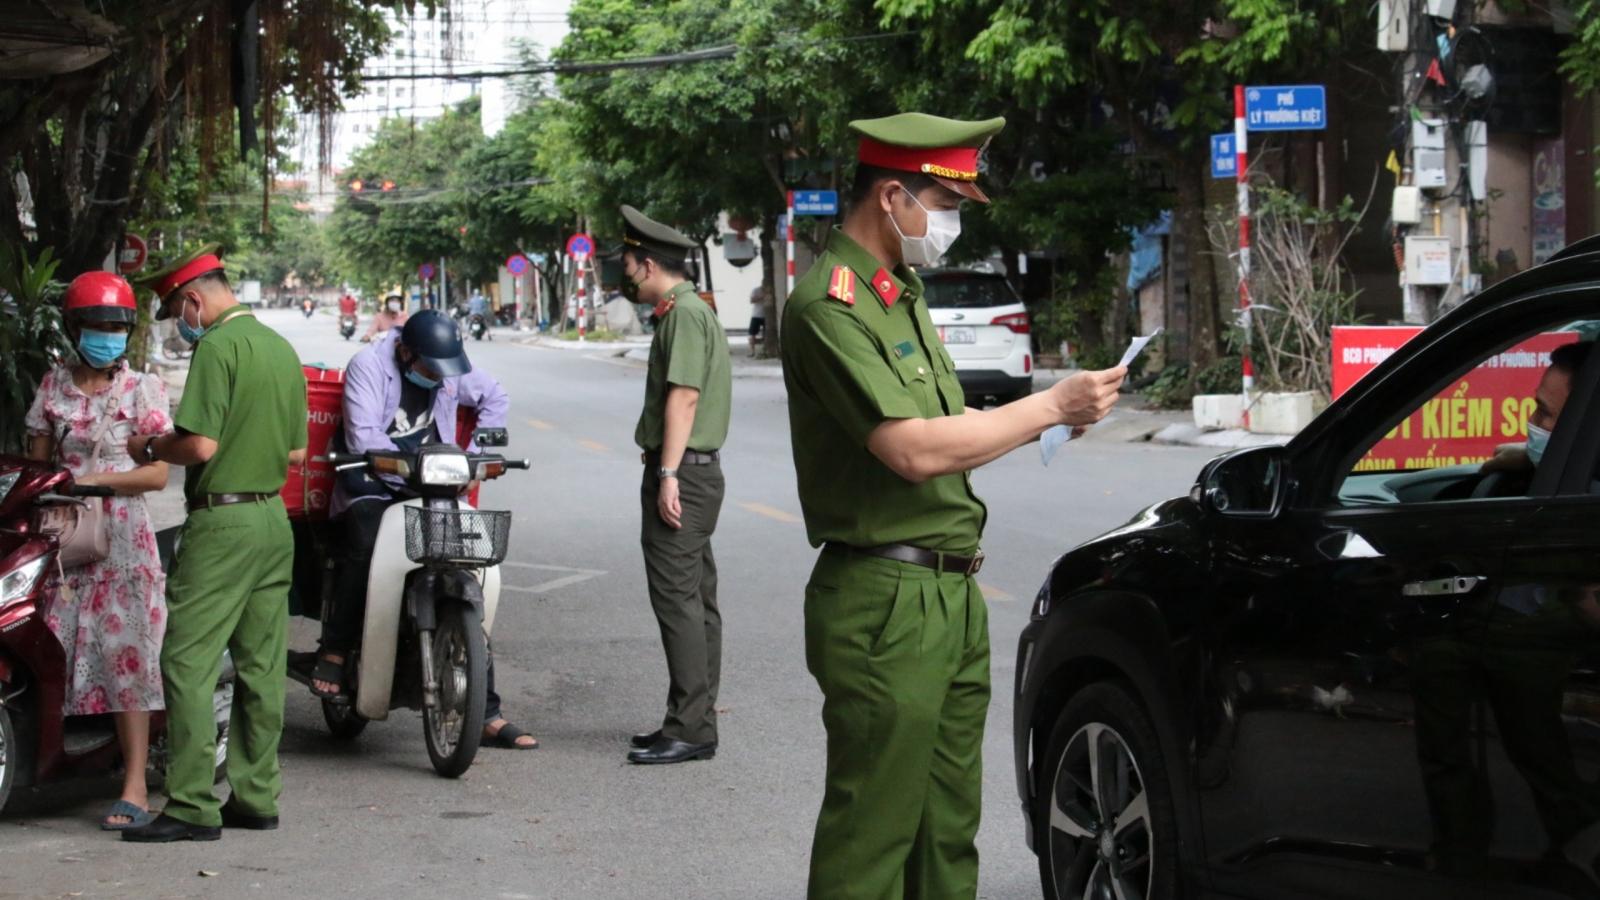 Tổ tuần tra xử lý 45 trường hợp không có giấy đi đường ở Hà Nội